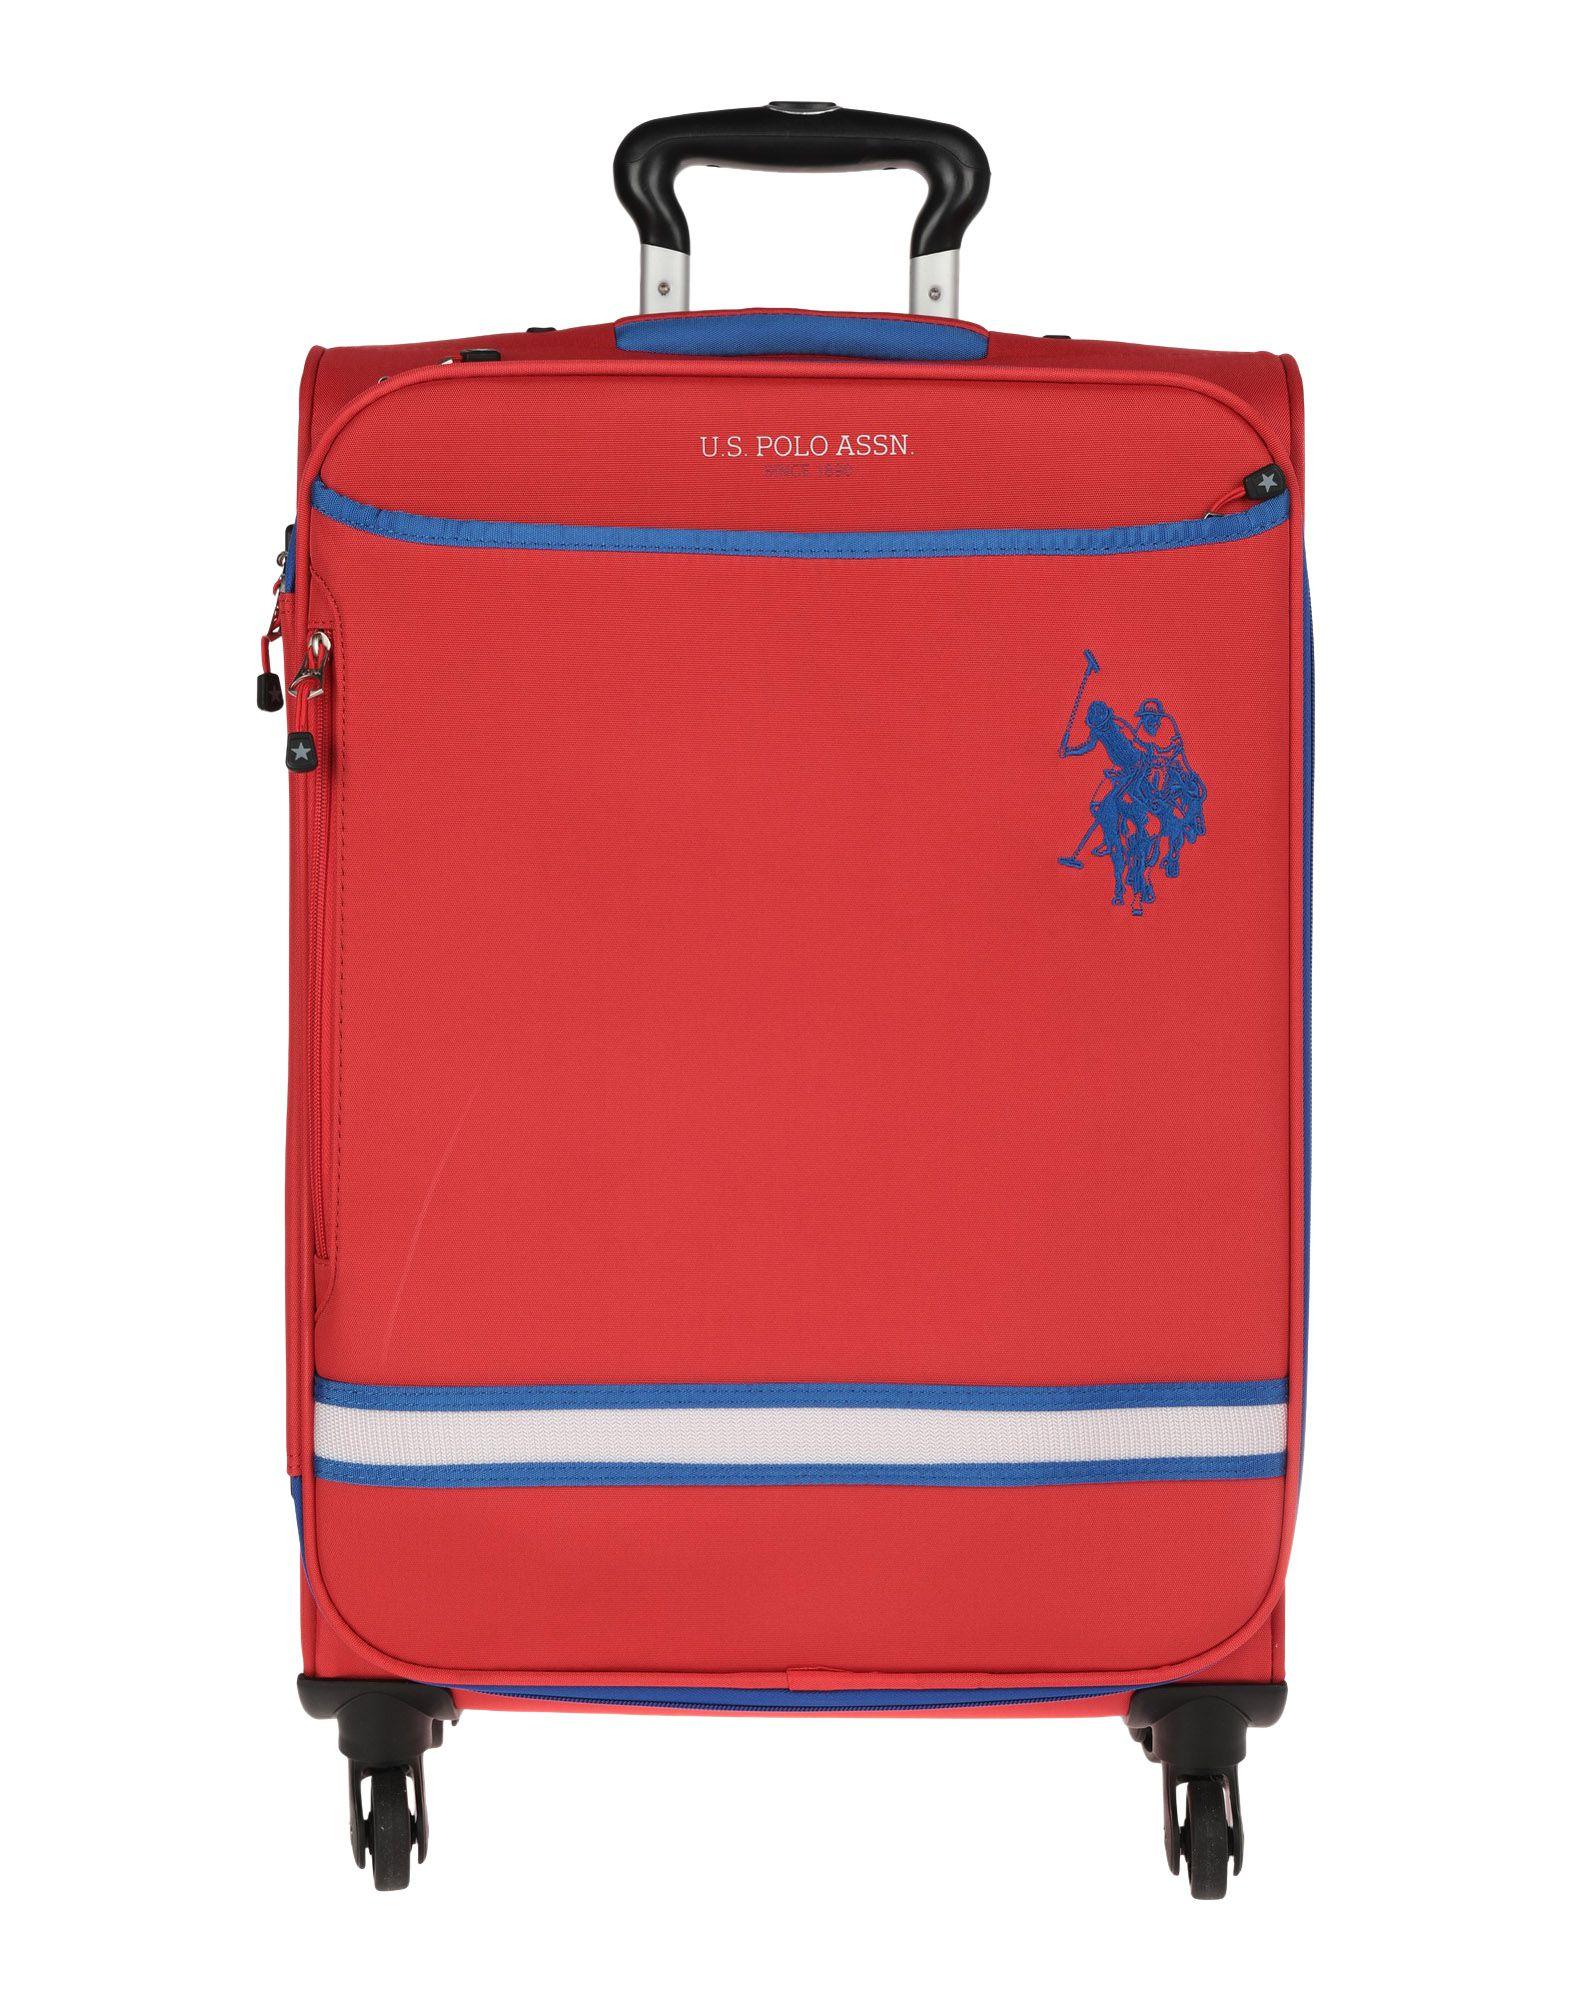 U.S.POLO ASSN. Чемодан/сумка на колесиках